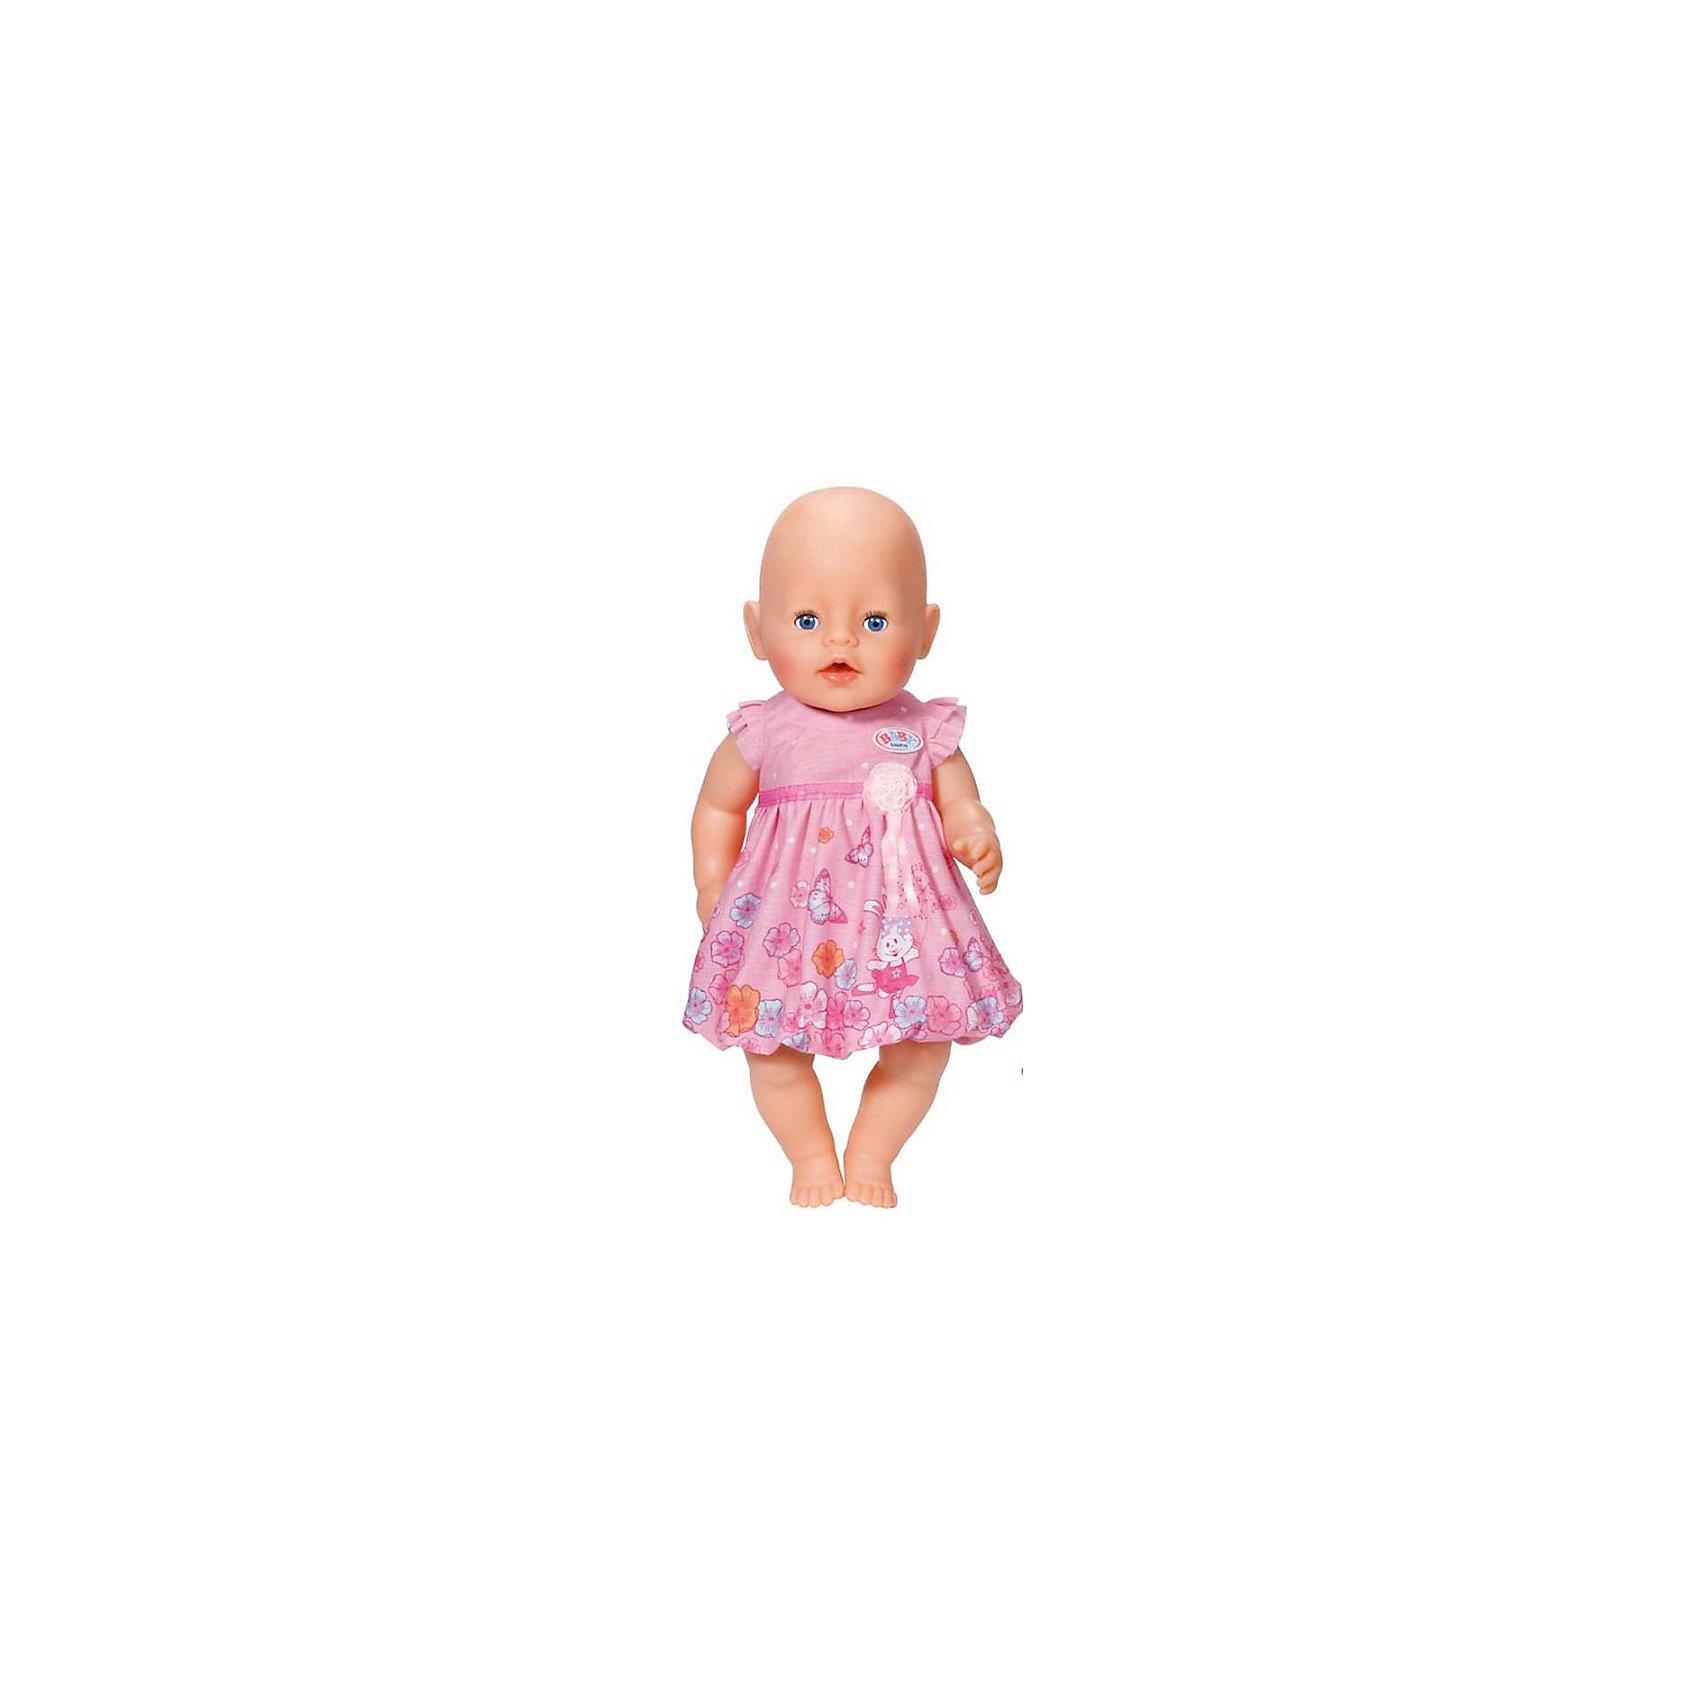 Платье для куклы, розовое, BABY bornБренды кукол<br>Характеристики:<br><br>• Тип одежды для куклы: платье<br>• Предназначение: для сюжетно-ролевых игр<br>• Для куклы или пупсов: BABY born<br>• Рост куклы/пупса: от 43 см<br>• Тематика рисунка: цветы<br>• Материал: текстиль <br>• Декор атласной лентой<br>• Застежка: липучка на спинке<br>• В комплекте предусмотрена вешалка<br>• Вес: 59 г<br>• Размеры упаковки (Д*В*Ш): 23,7*4,5*30,7 см<br>• Упаковка: блистер <br>• Особенности ухода: допускается деликатная стирка без использования красящих и отбеливающих средств <br><br>Платье для куклы, розовое, BABY born от немецкого производителя Zapf Creation предназначено для кукол и пупсов серии BABY born. Выполнено из текстиля высокого качества, который устойчив к изменению цвета и формы. Нежное платье отрезное по талии, оформлено атласной лентой. Рукава выполнены в форме крылышек. Изящность платью придает цветочный принт. Сзади на спинке имеется застежка на липучке, благодаря чему легко и удобно будет переодевать куклу. <br><br>Платье для куклы выполнено с детальным соответствием реальным детским вещам. Сюжетно-ролевые игры с переодеванием кукол способствуют не только приобретению навыков комбинирования предметов гардероба, но и формированию чувства стиля и вкуса у девочки. <br><br>Платье для куклы, розовое, BABY born можно купить в нашем интернет-магазине.<br><br>Ширина мм: 237<br>Глубина мм: 307<br>Высота мм: 45<br>Вес г: 59<br>Возраст от месяцев: 36<br>Возраст до месяцев: 60<br>Пол: Женский<br>Возраст: Детский<br>SKU: 5377748